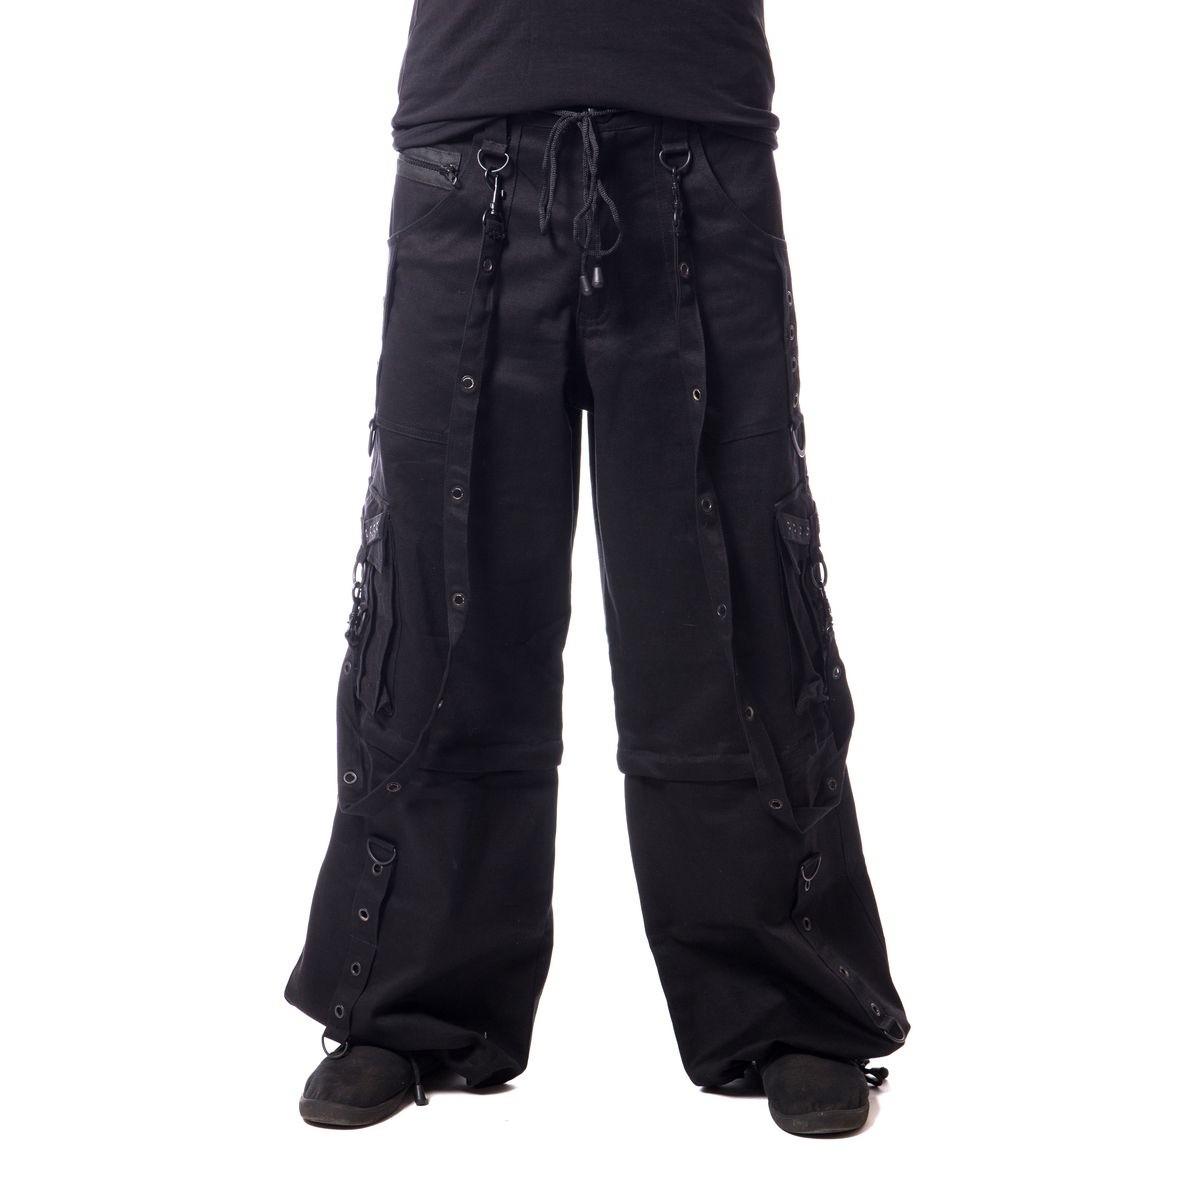 Broek Venom afritsbaar met straps en grote zakken